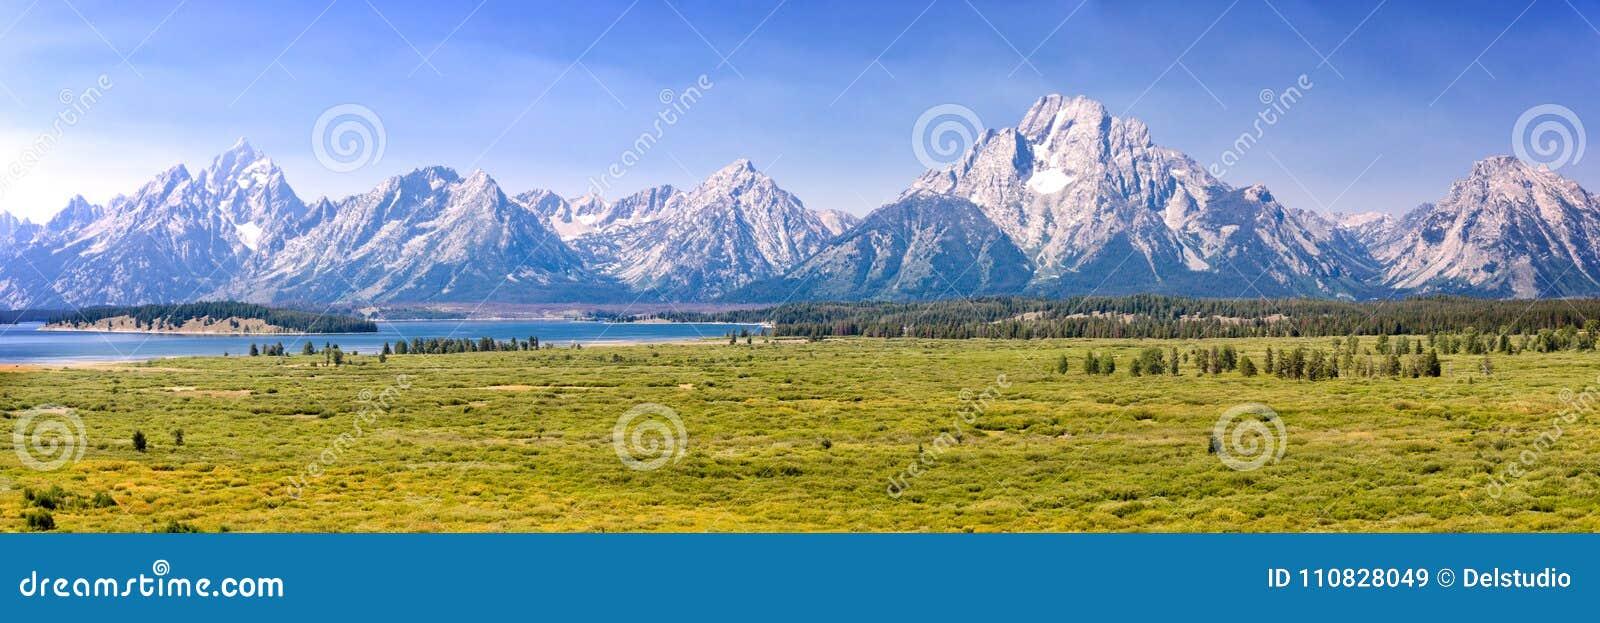 Μεγάλο εθνικό πάρκο Teton, πανόραμα σειράς βουνών, Ουαϊόμινγκ ΗΠΑ